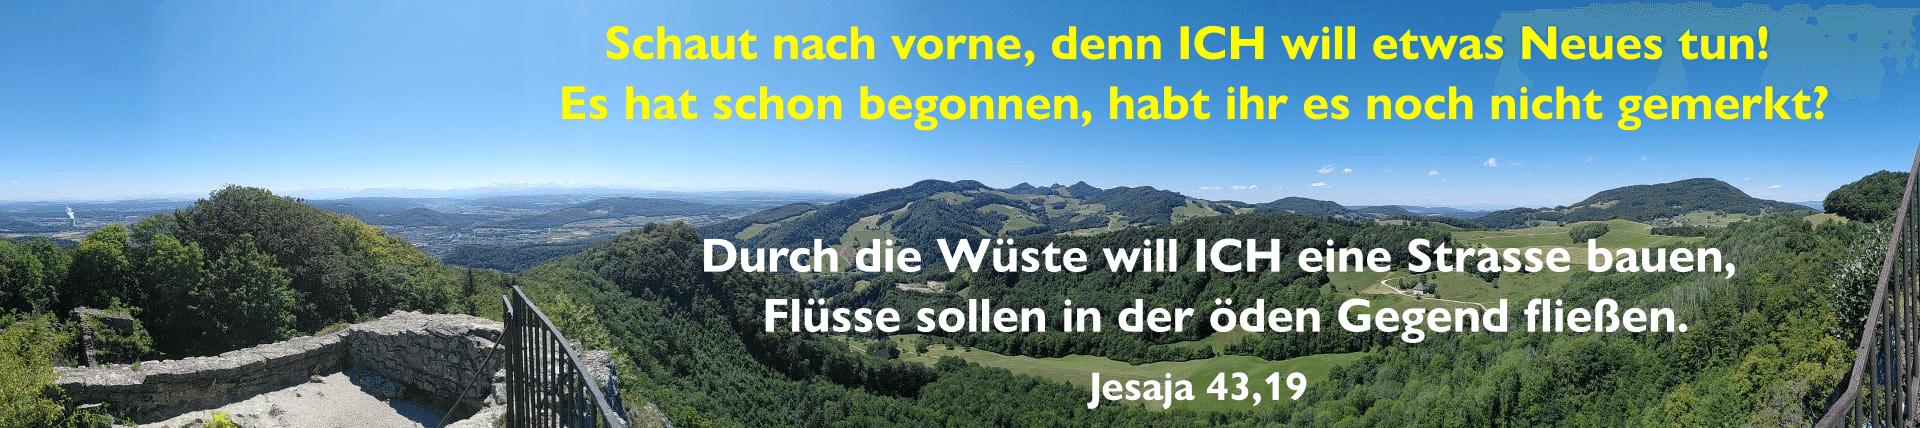 Chrischona-Zofingen-Jahresschwerpunkt-2021